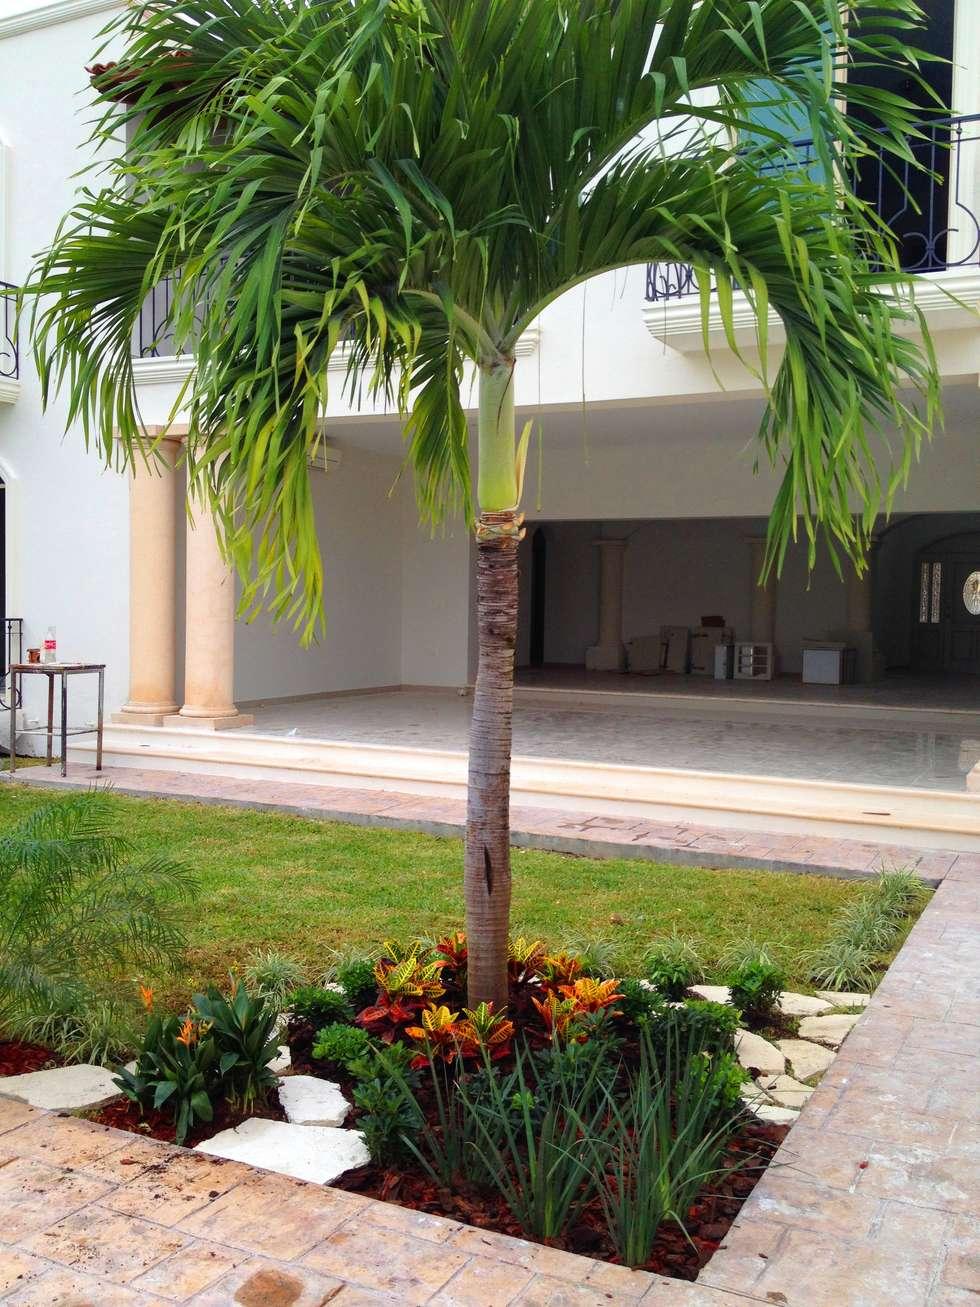 Casa cp 34 jardines de estilo moderno por ecoentorno - Decoracion jardines modernos ...